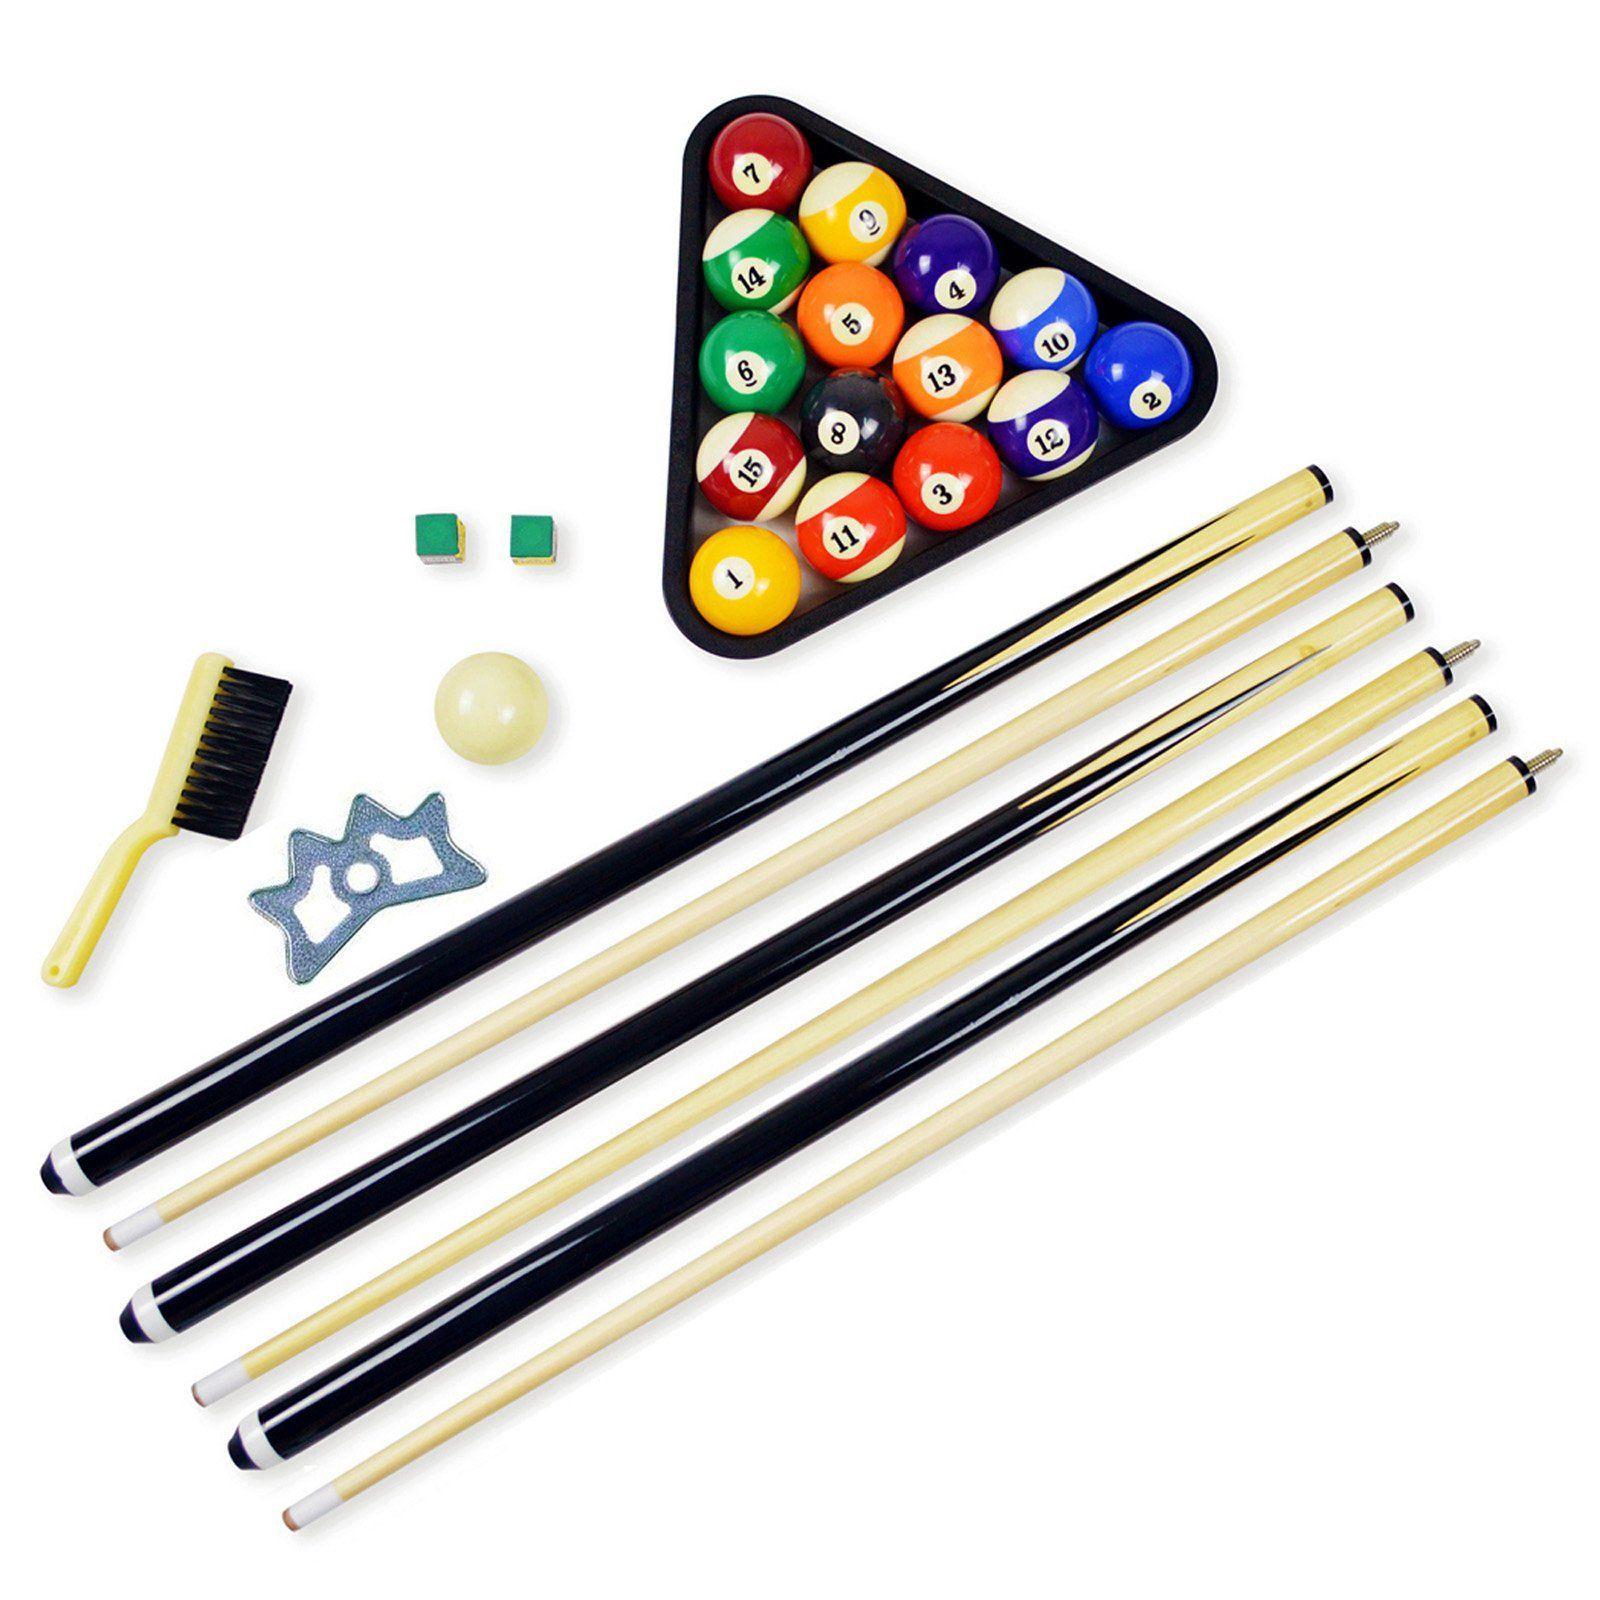 Hathaway Pool Table Billiard Accessory Kit Bg2543 Billiard